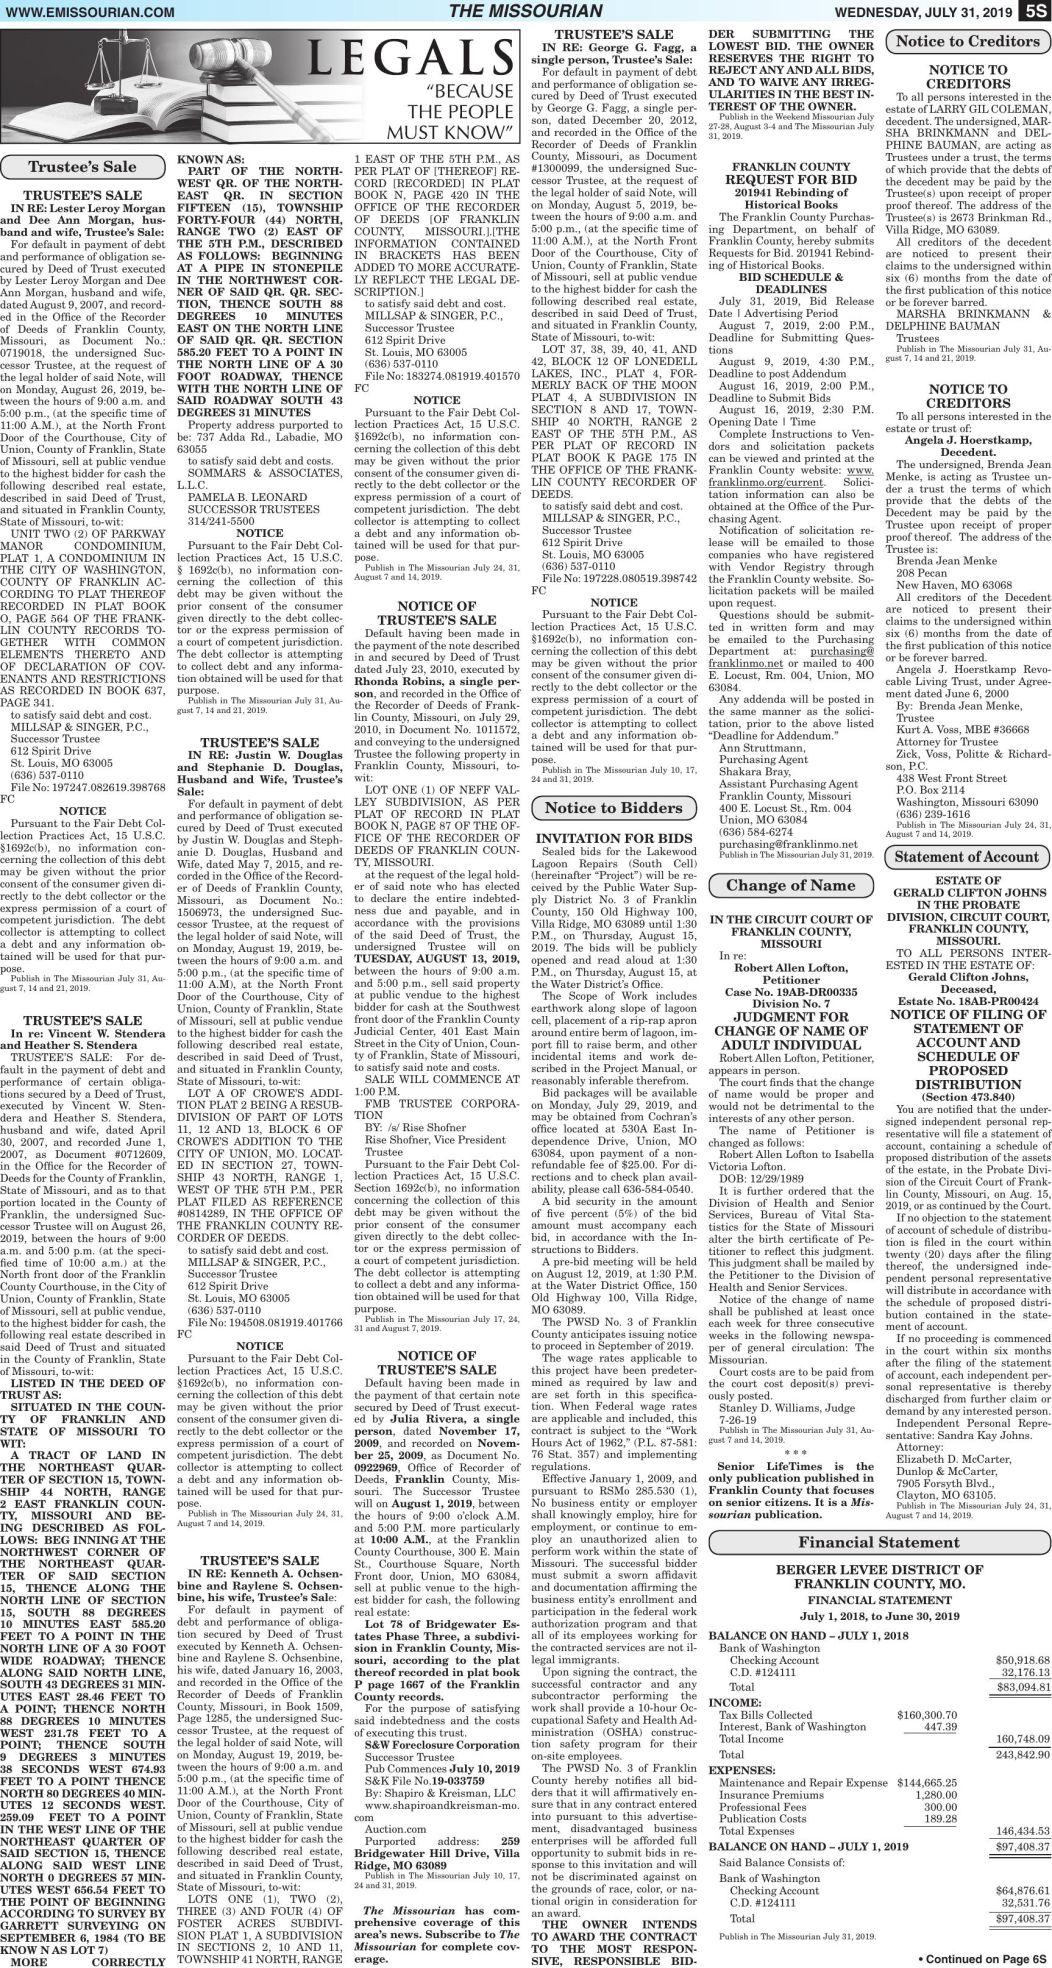 Legals/Tax Certificate Sale 07.31.19